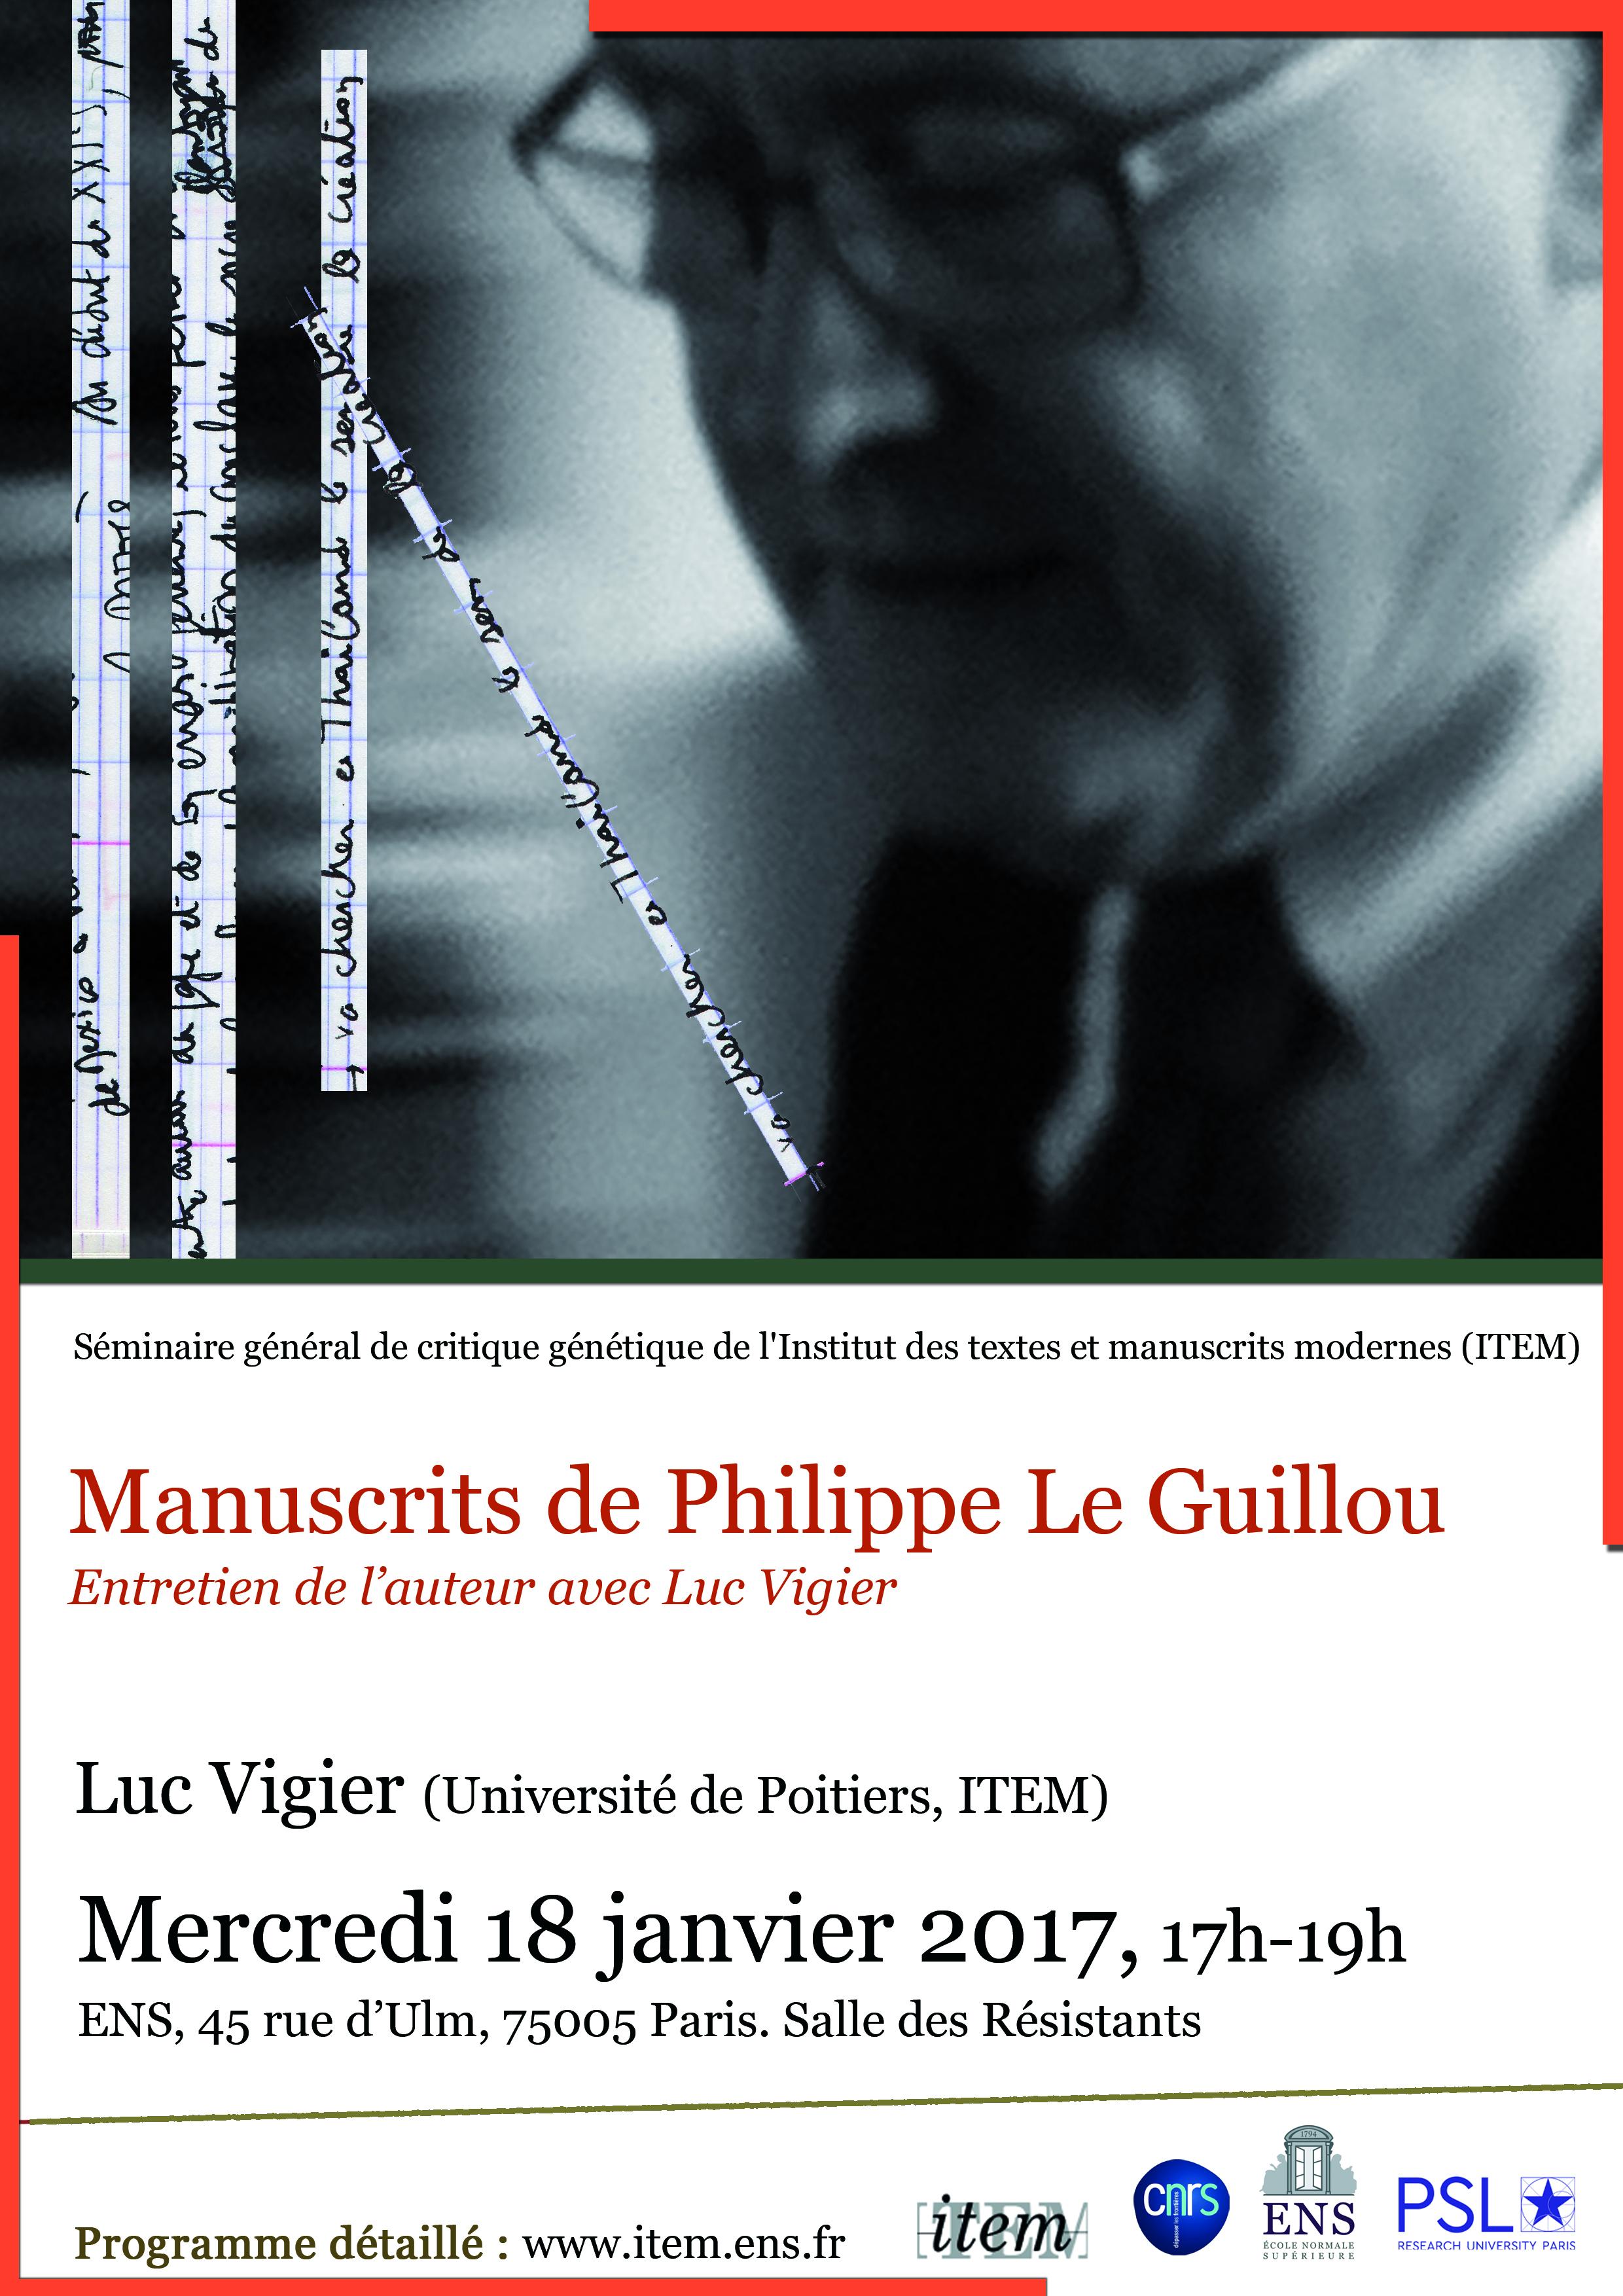 Luc VIGIER « Manuscrits de Philippe Le Guillou. Entretien de l'auteur avec Luc Vigier »